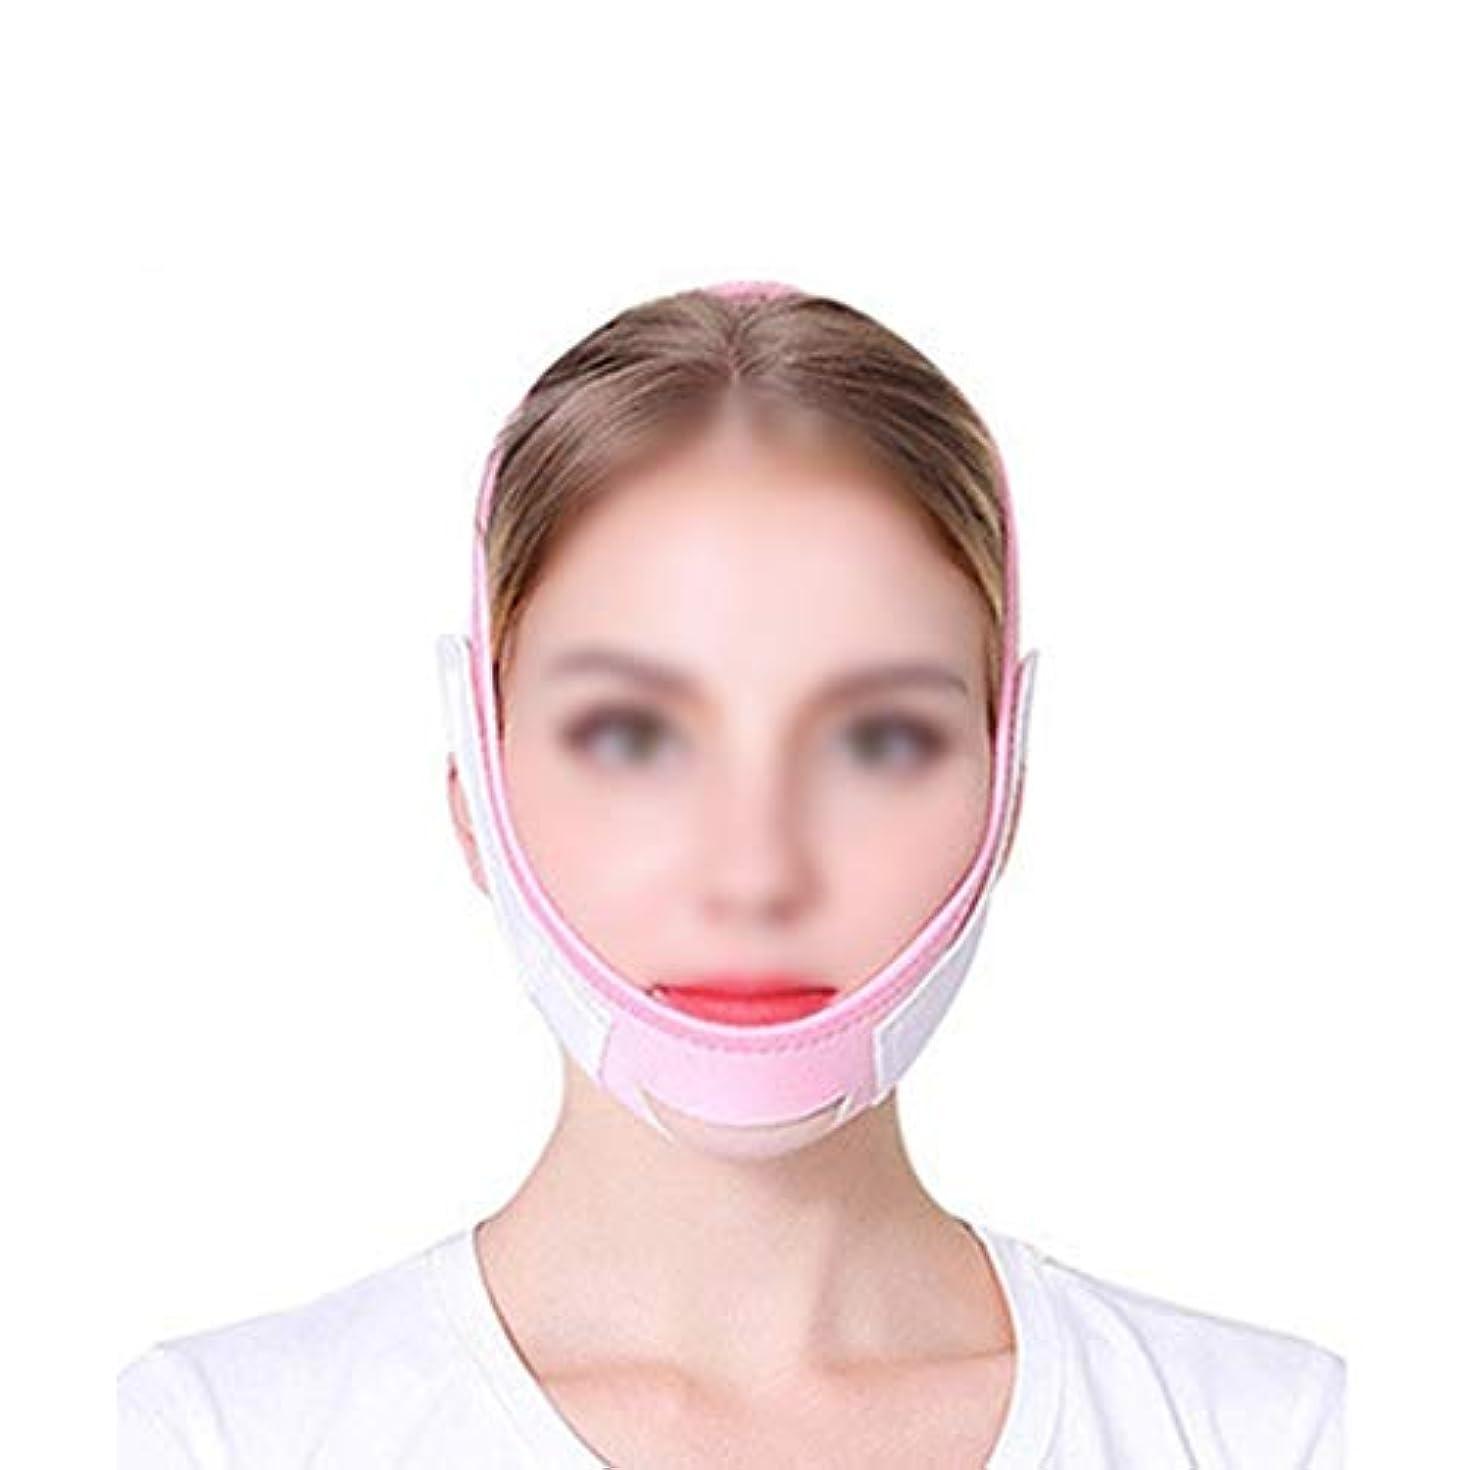 目立つ矛盾出しますしわ防止フェイシャル減量ベルト、フェイスリフティング包帯、フェイスリフティングマスク、リフティングフェイスバンド、スキンバンデージ(フリーサイズ) (Color : Powder white)